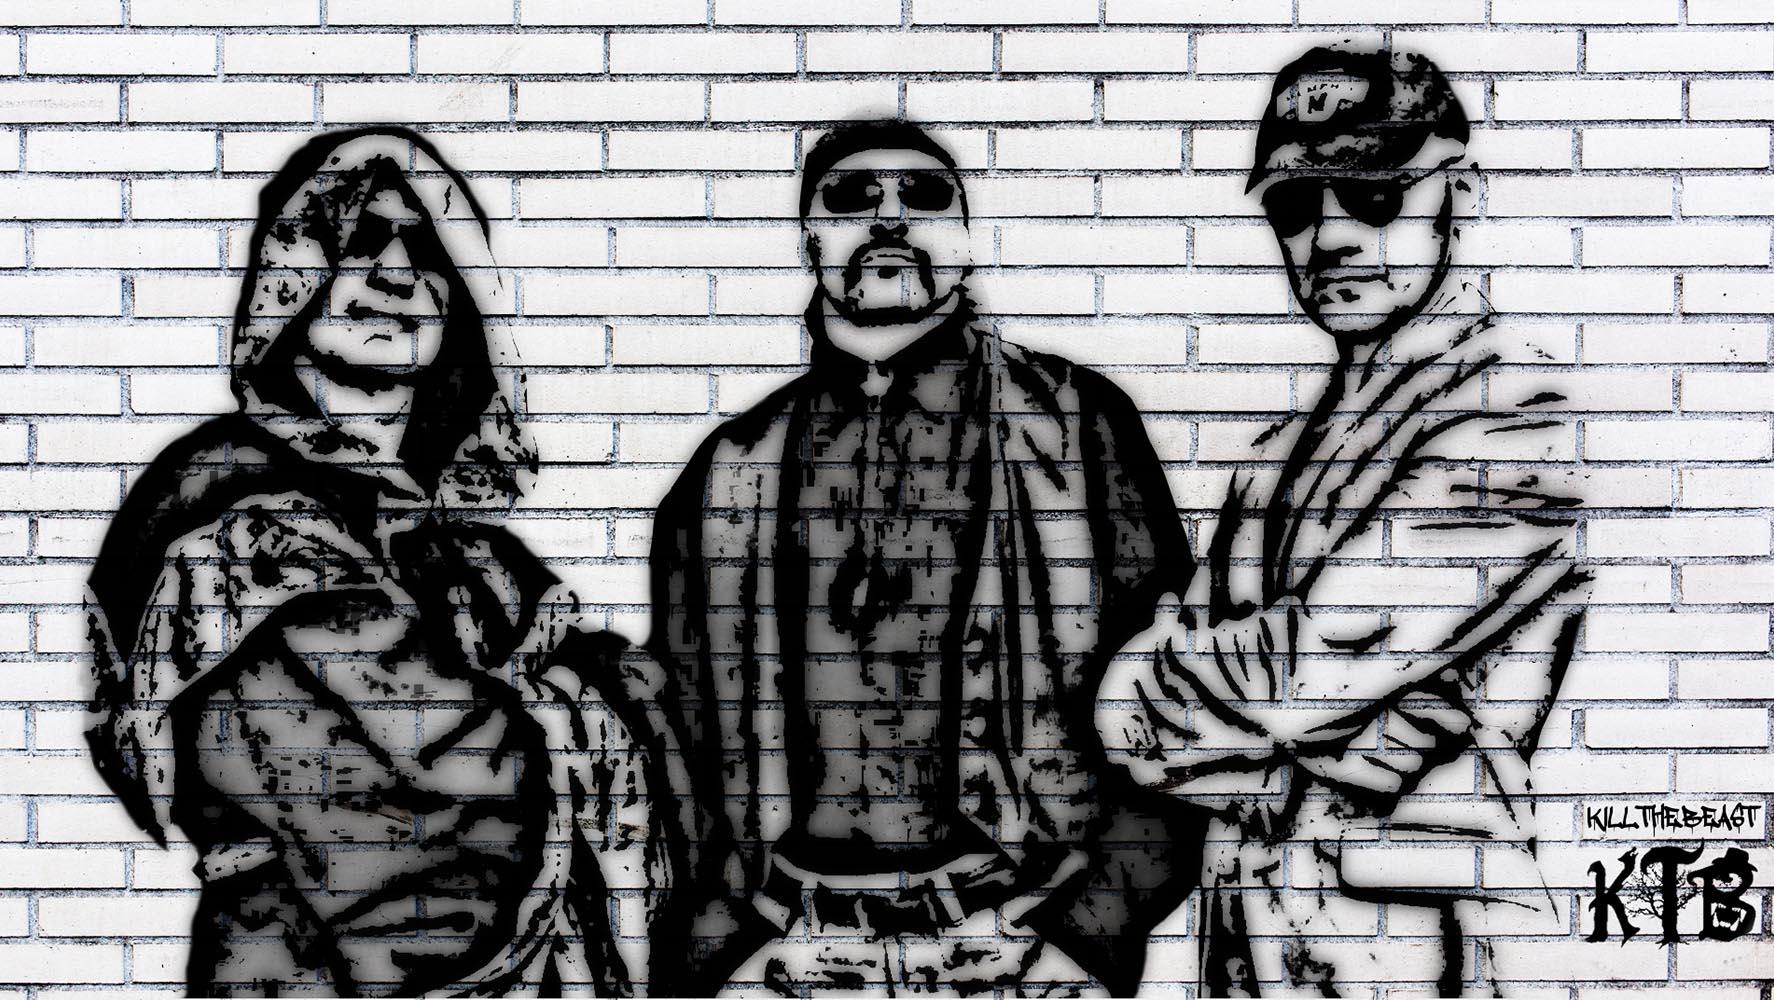 nella foto in bianco e nero si vedono tre uomini dipinti su un muro; indossano occhiali da sole e quello a sinistra un mantello